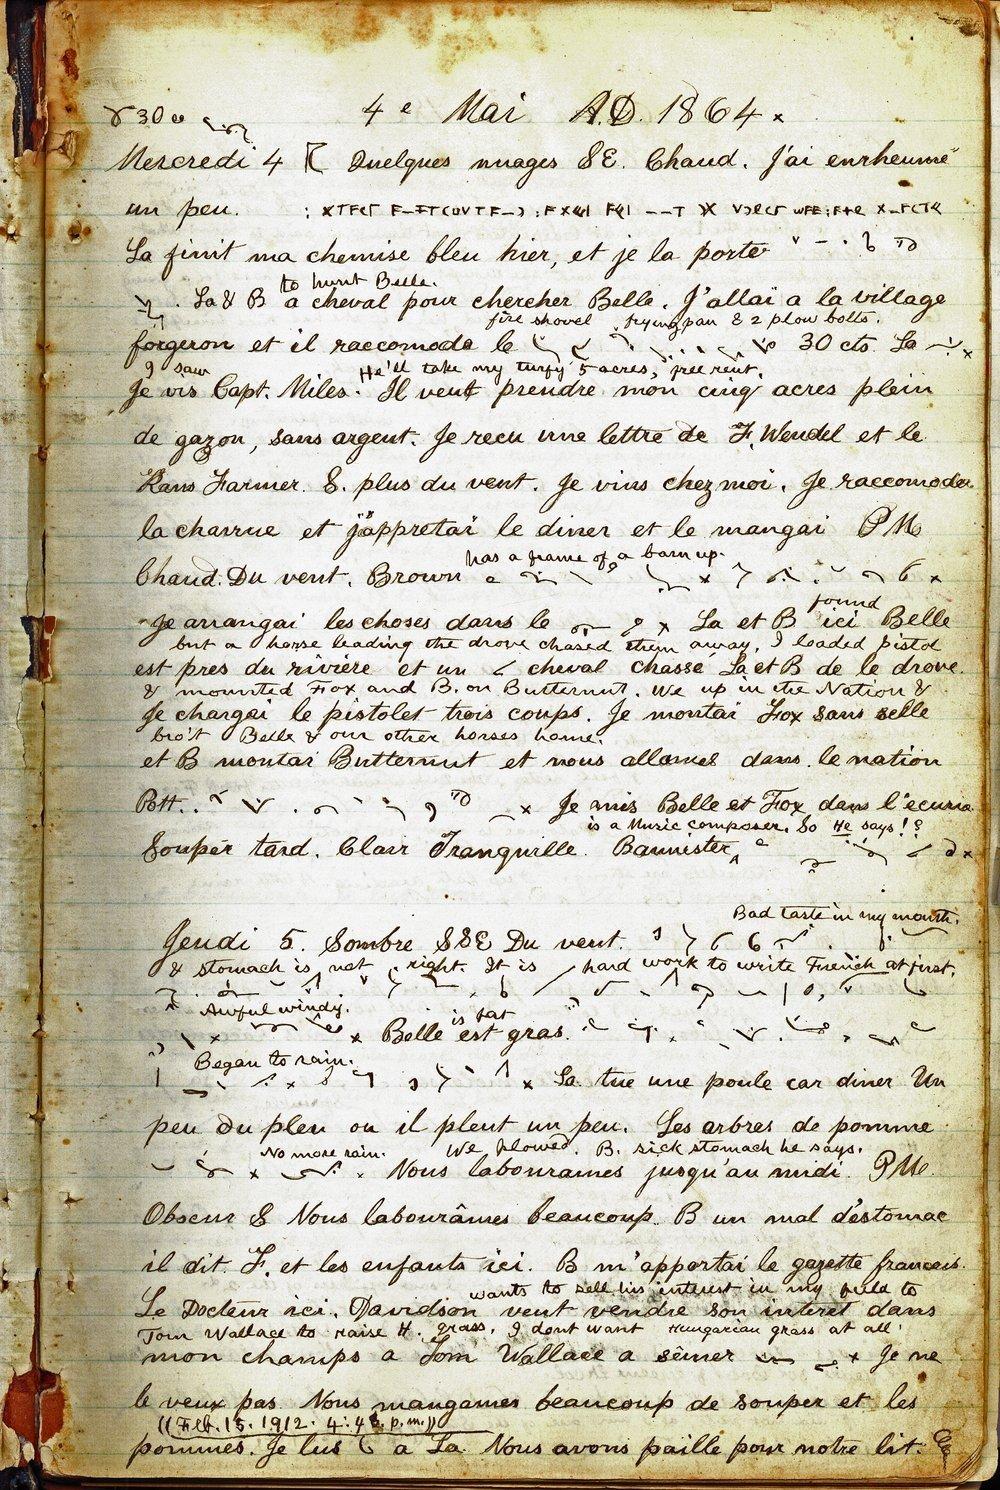 Samuel Reader's diary, volume 6 - 3